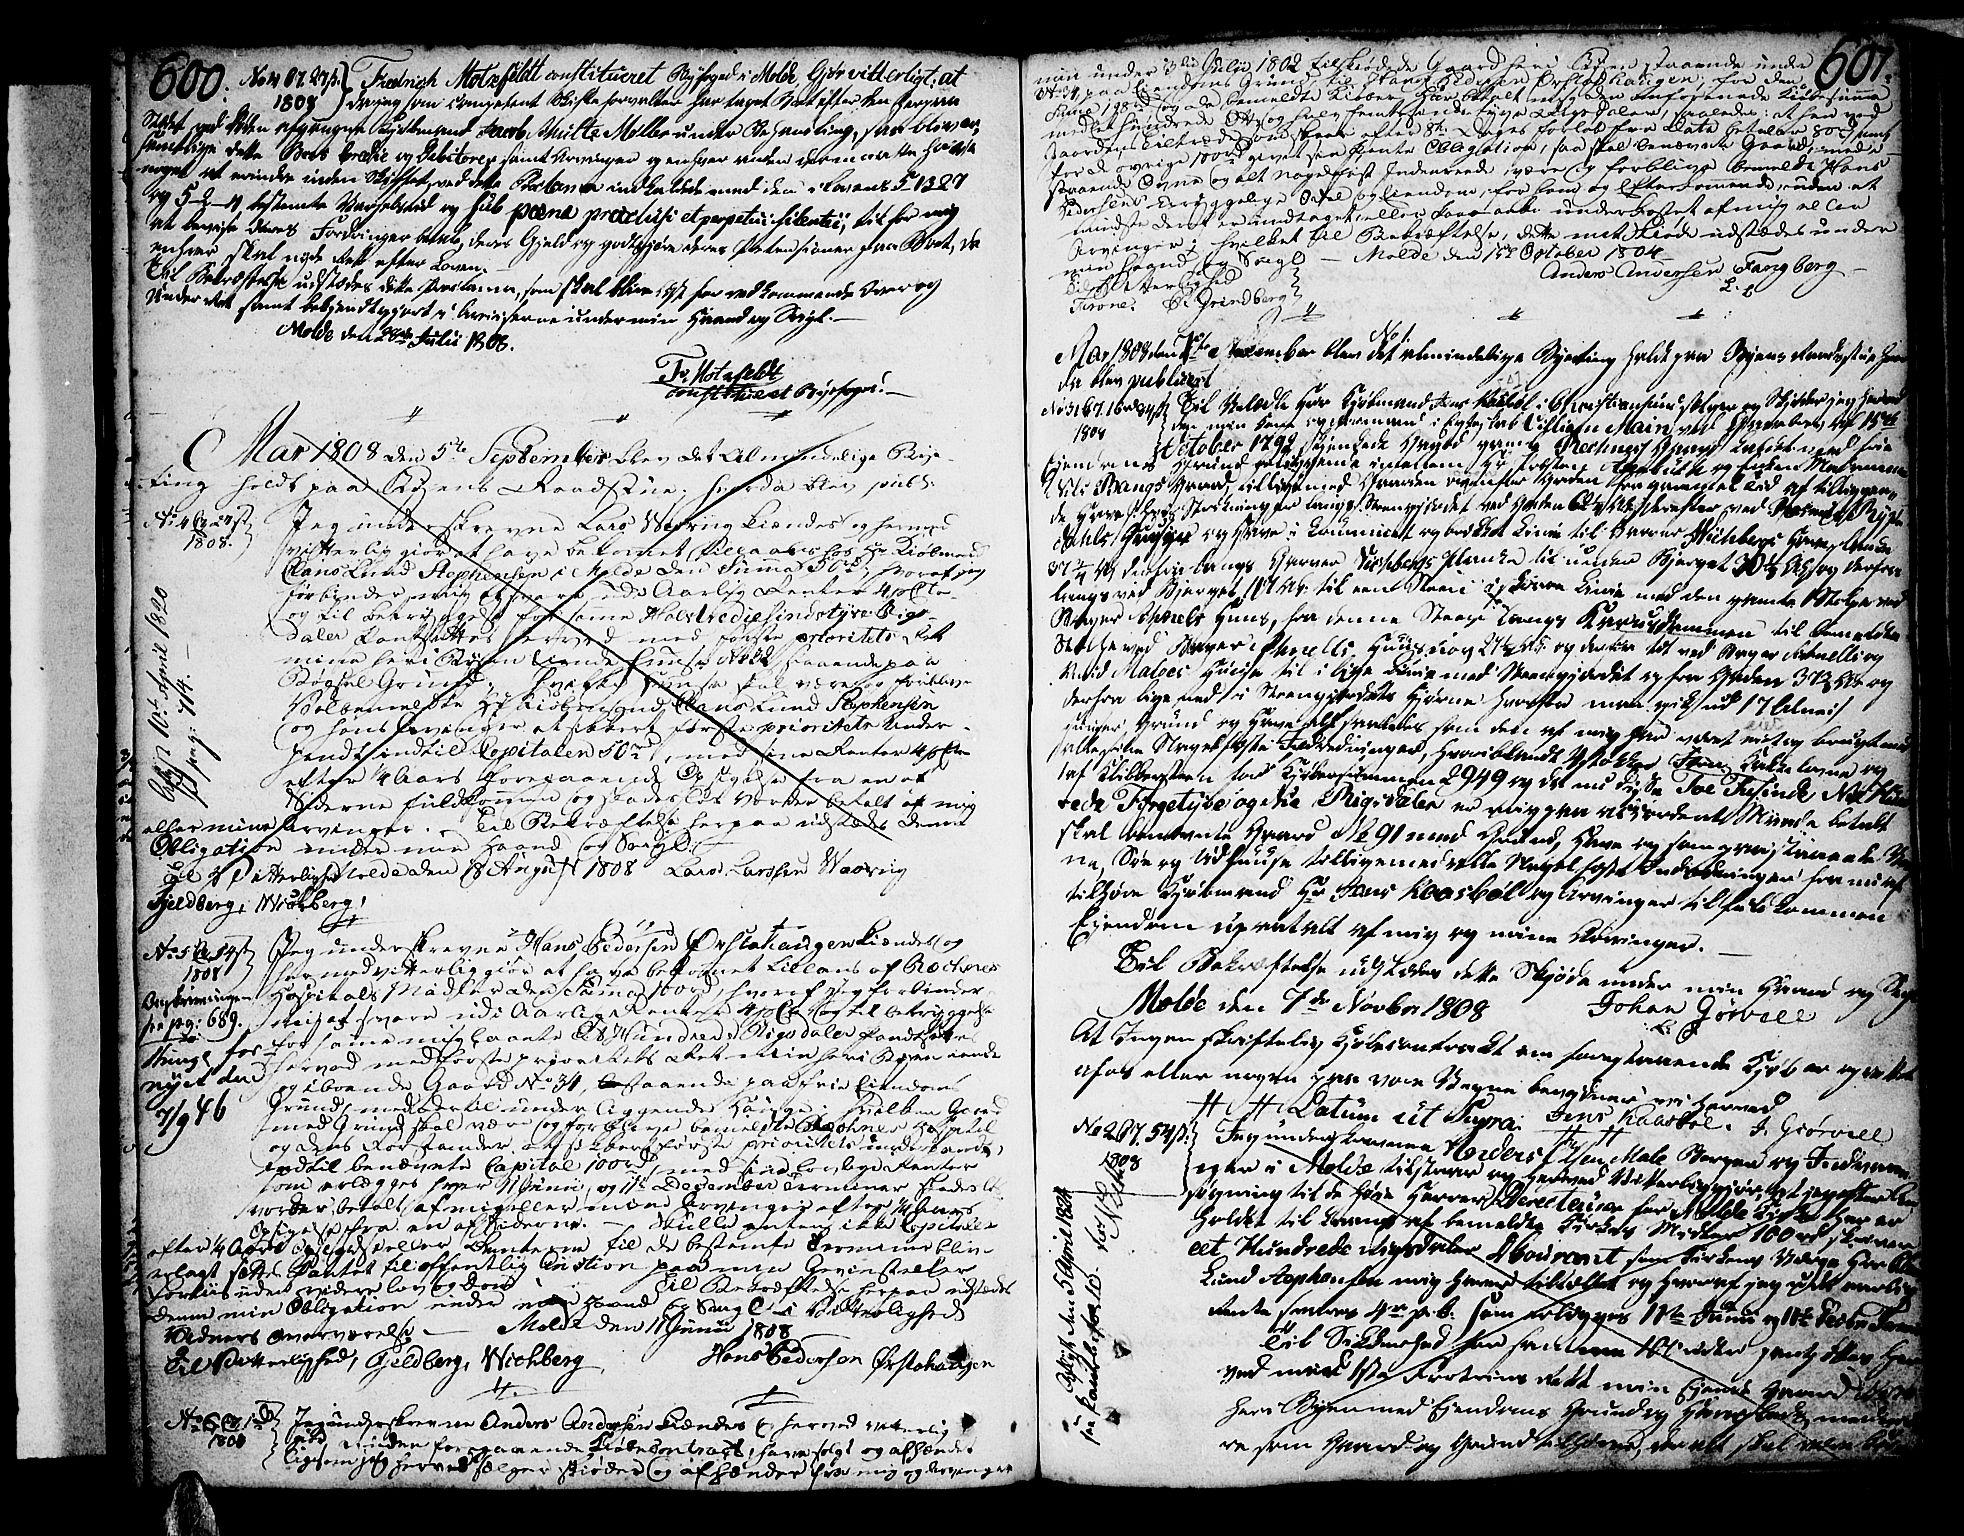 SAT, Molde byfogd, 2/2C/L0001: Pantebok nr. 1, 1748-1823, s. 600-601